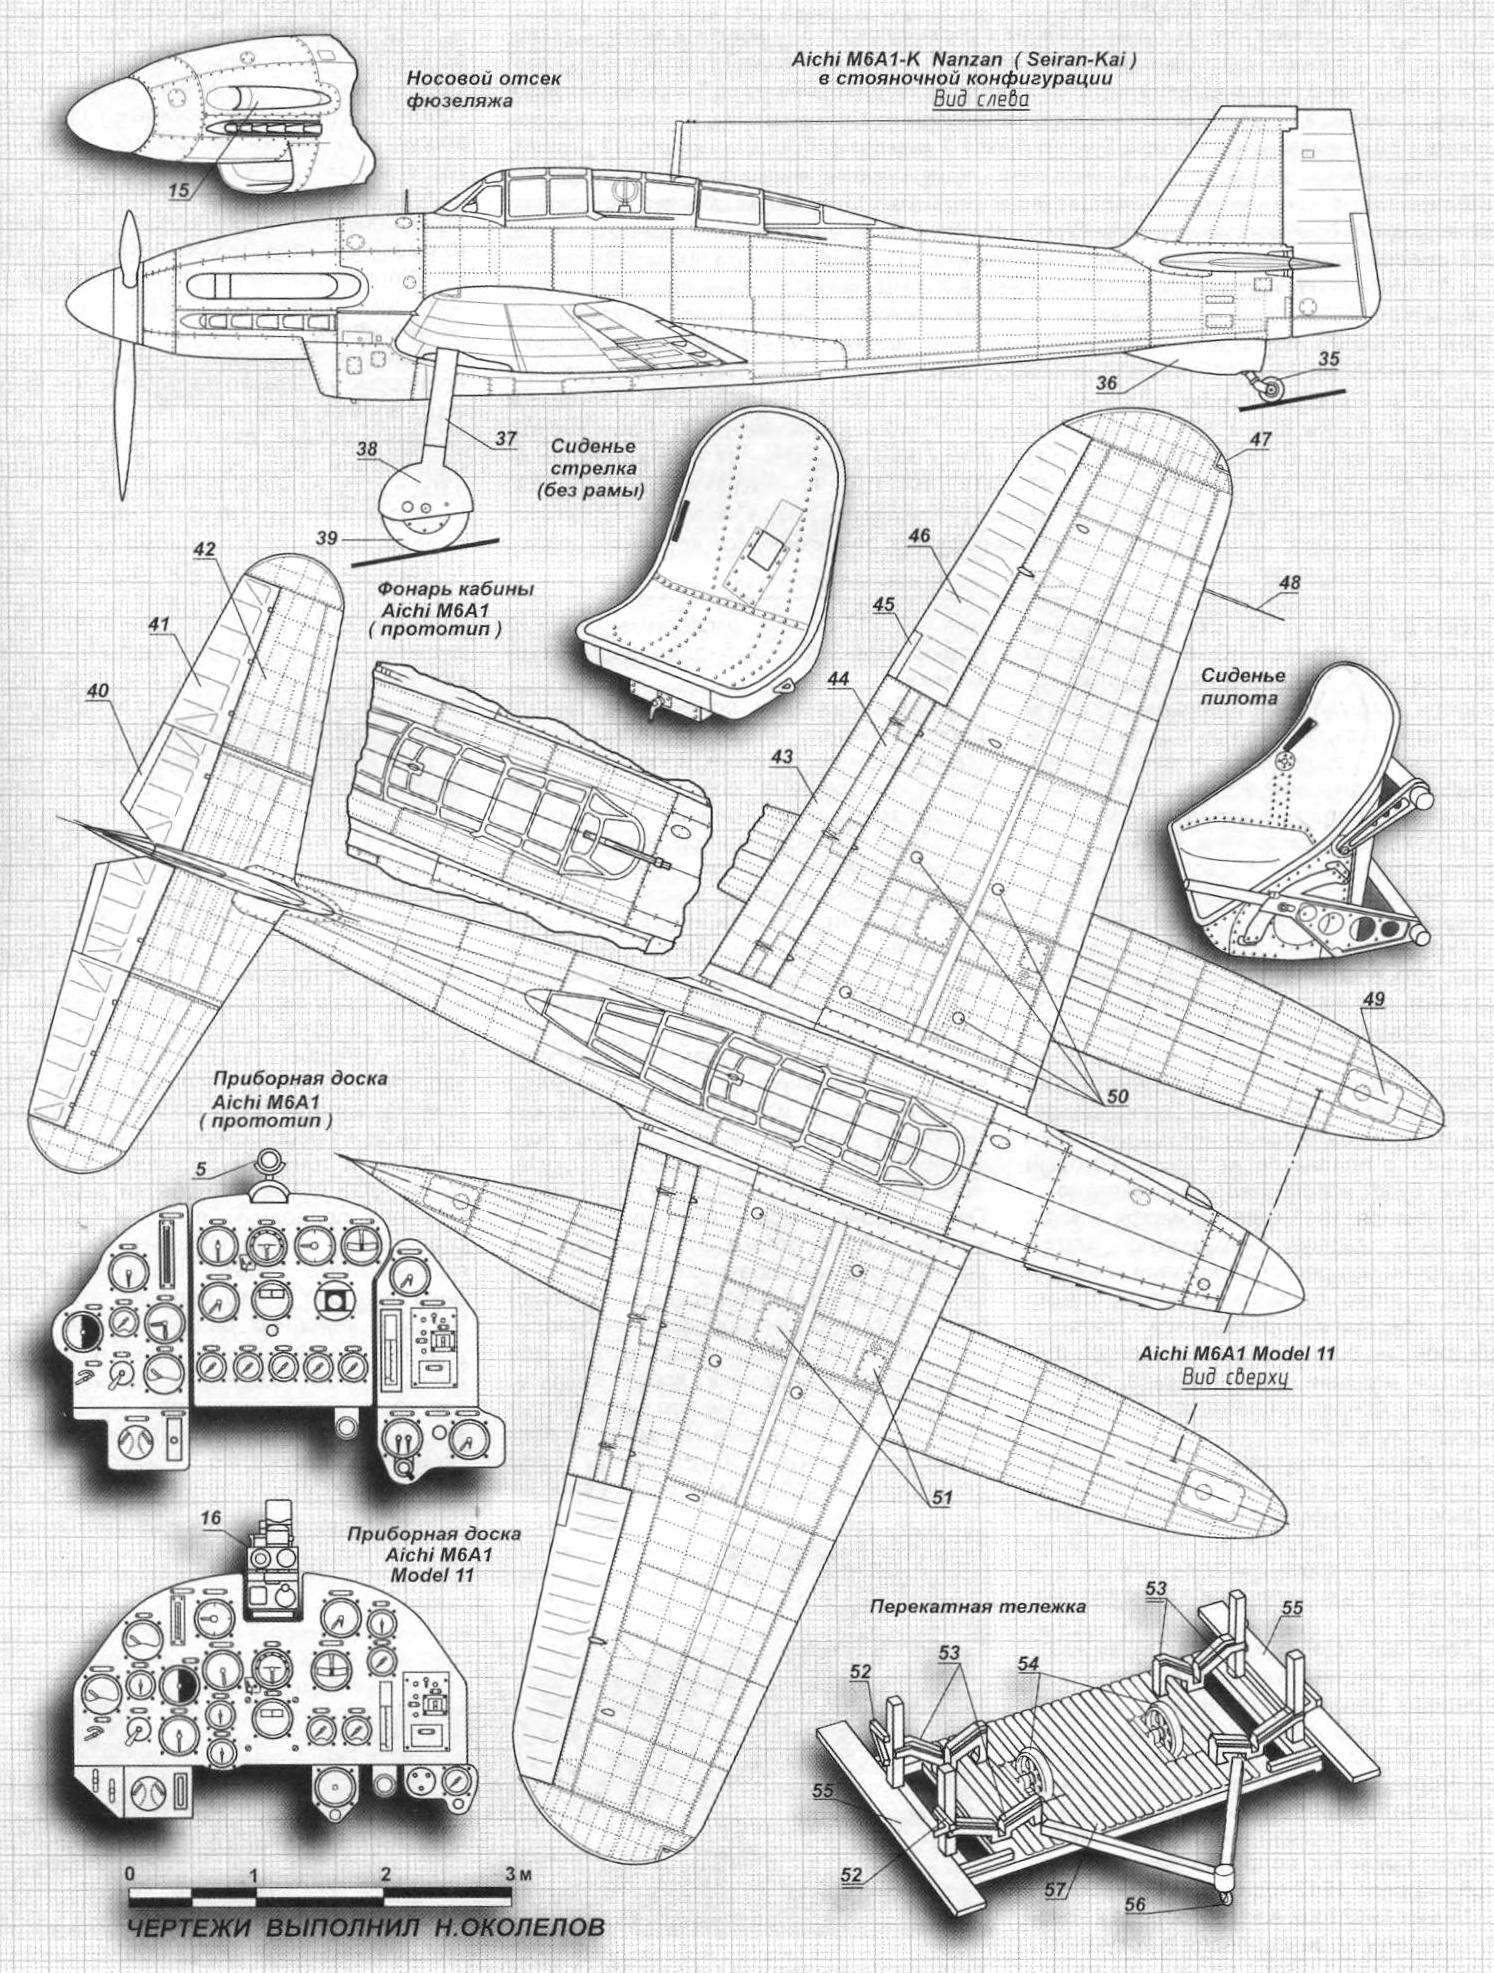 Seaplane Aichi M6A Seiran